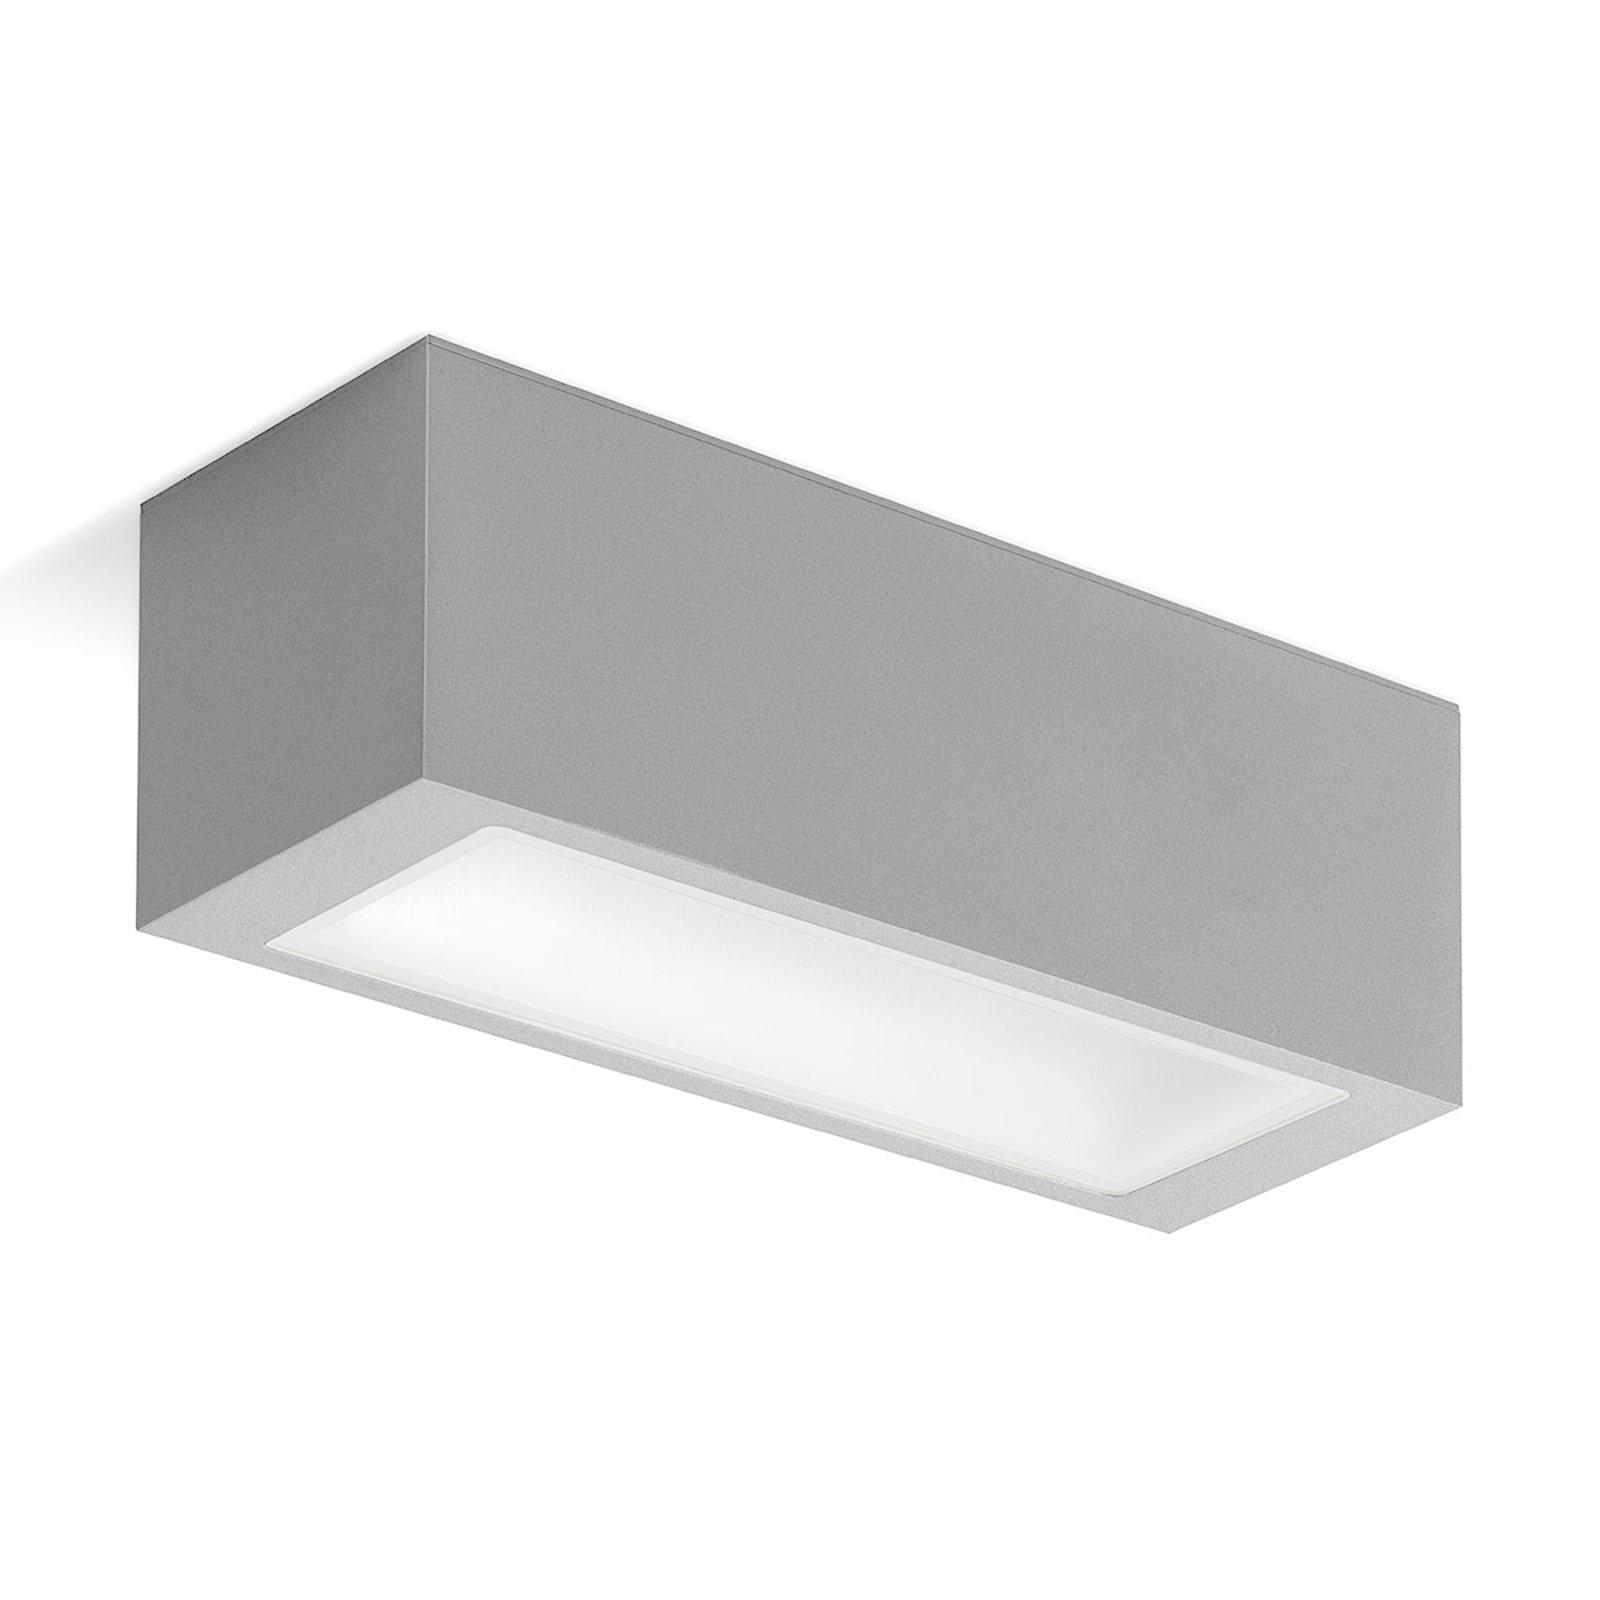 LED-vegglampe 303559, optisk symmetrisk 4 000 K